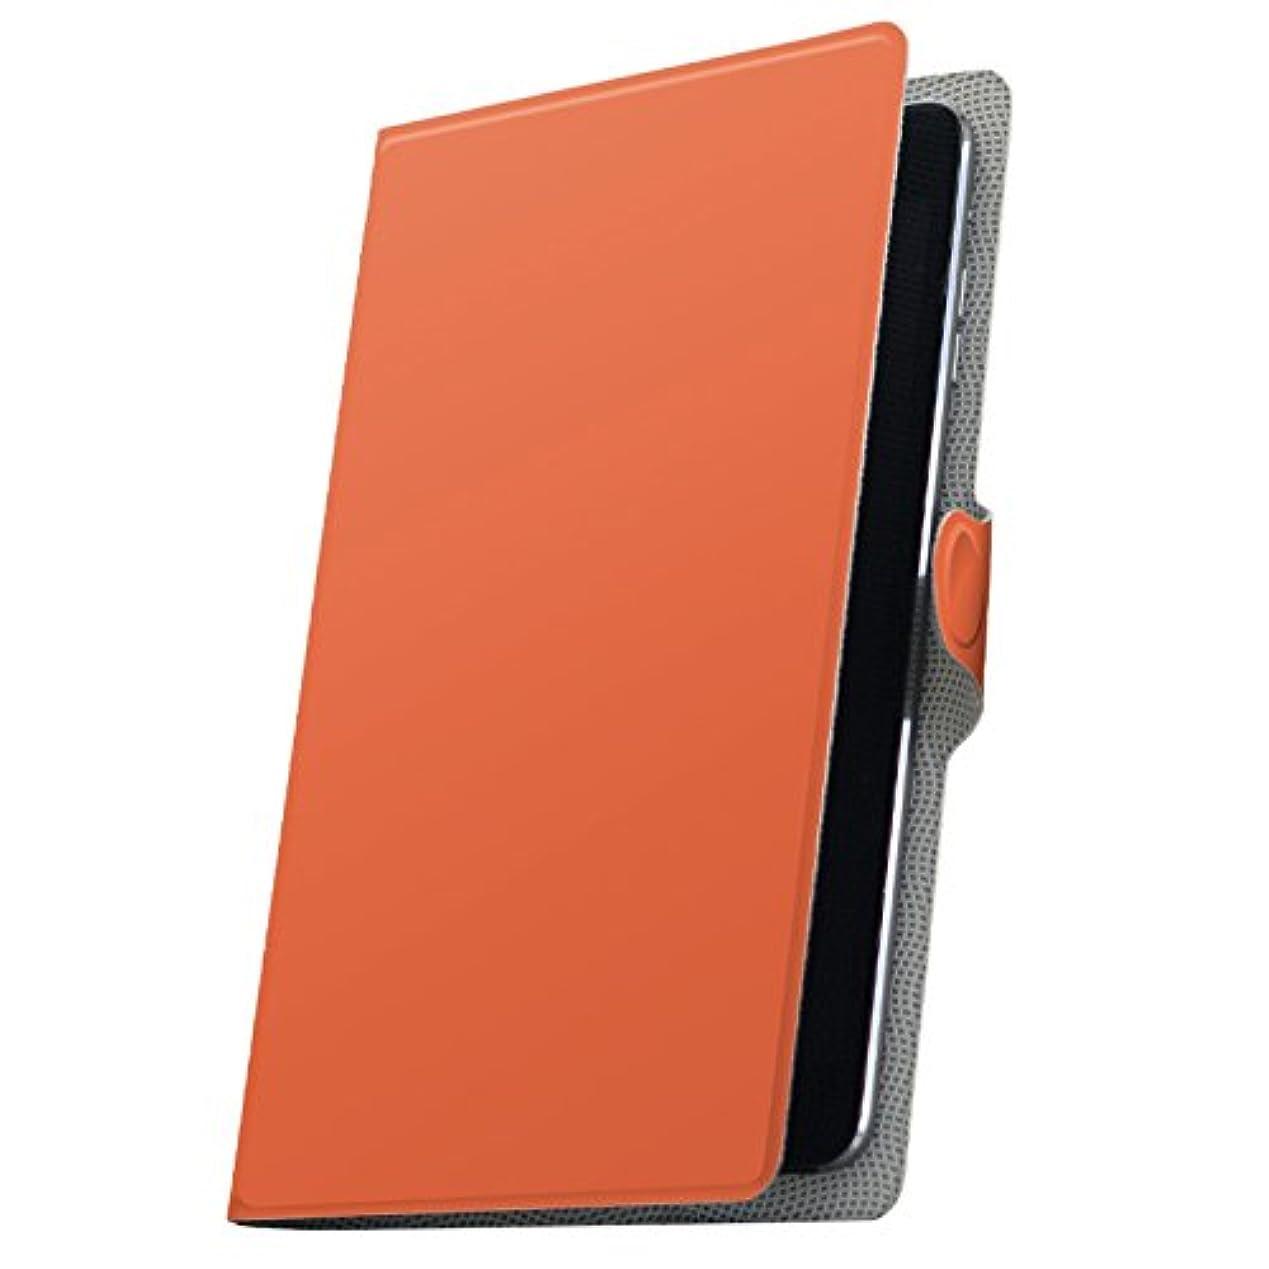 透けて見えるスポーツをするくすぐったいdtab d-01G Huawei ファーウェイ dtab タブレット 手帳型 タブレットケース タブレットカバー カバー レザー ケース 手帳タイプ フリップ ダイアリー 二つ折り その他 シンプル 無地 オレンジ d01g-008974-tb